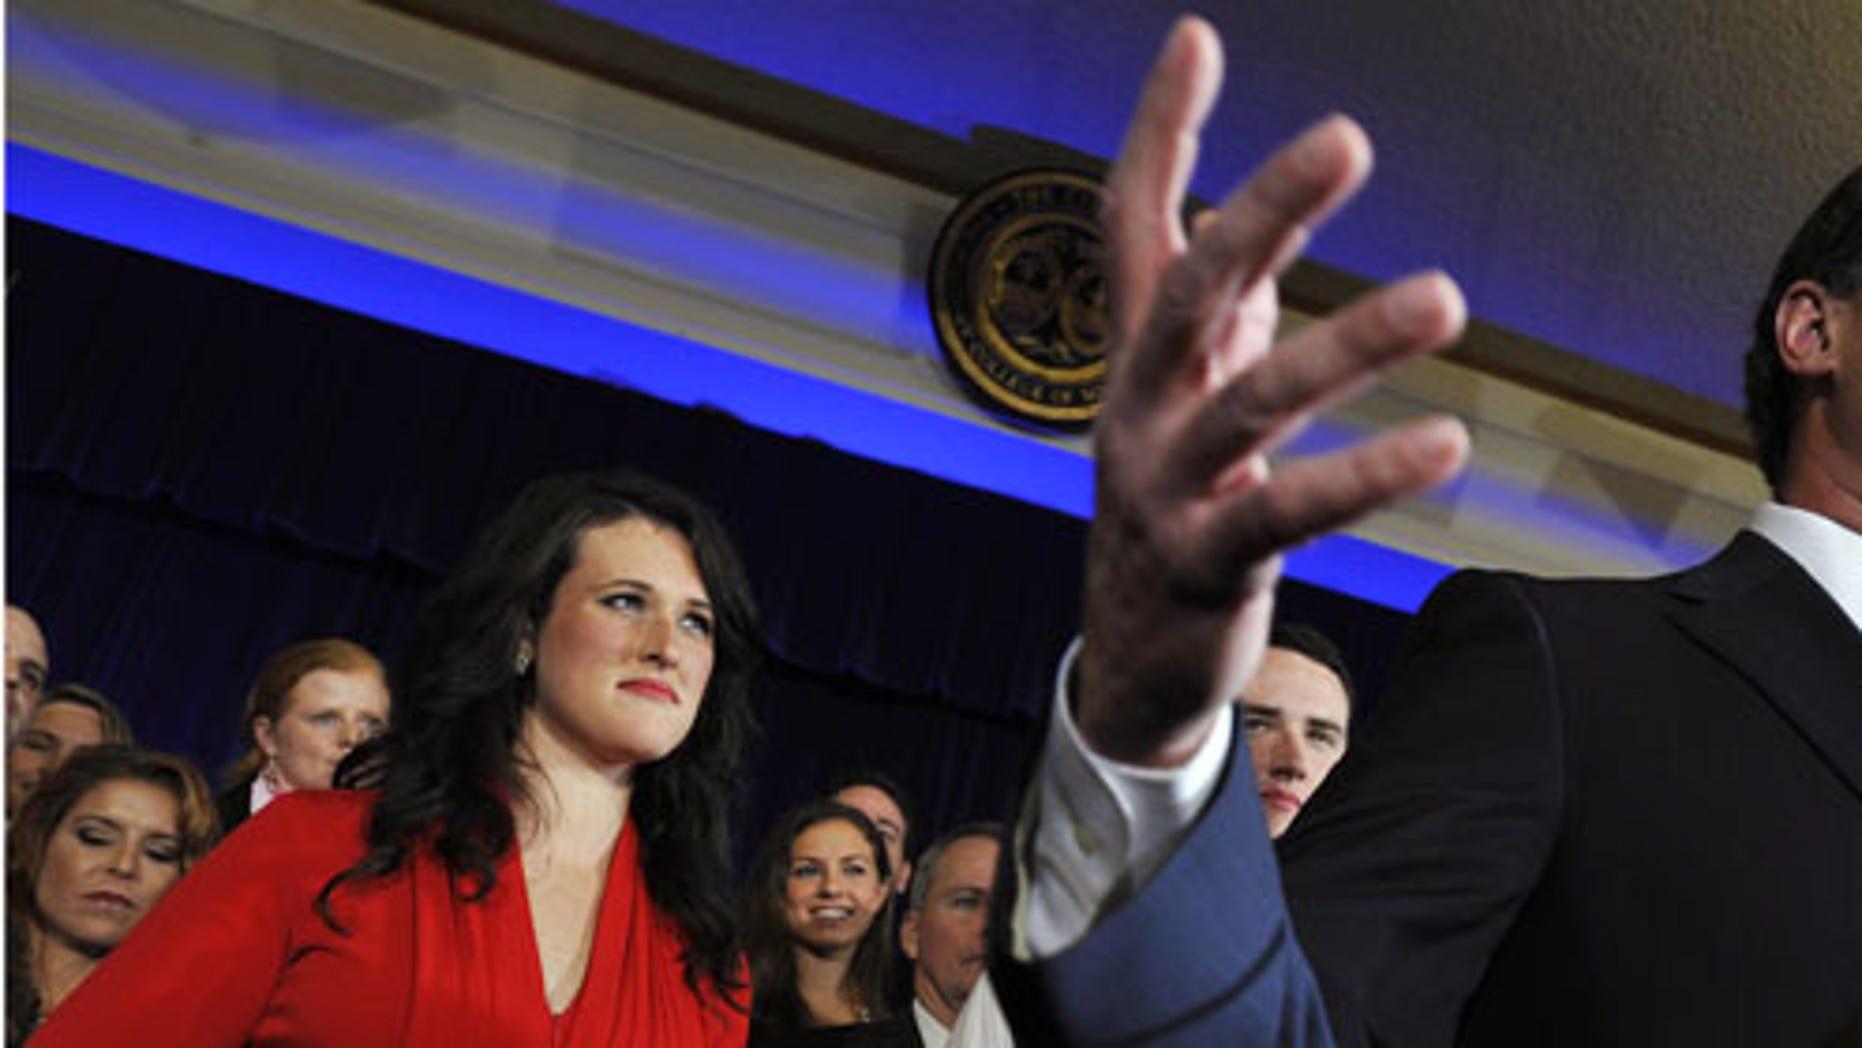 Former Pennsylvania Sen. Rick Santorum, right, speaks as his daughter, Elizabeth, looks on, Saturday, Jan. 21, 2012, in Charleston, S.C. (AP Photo/Rainier Ehrhardt)